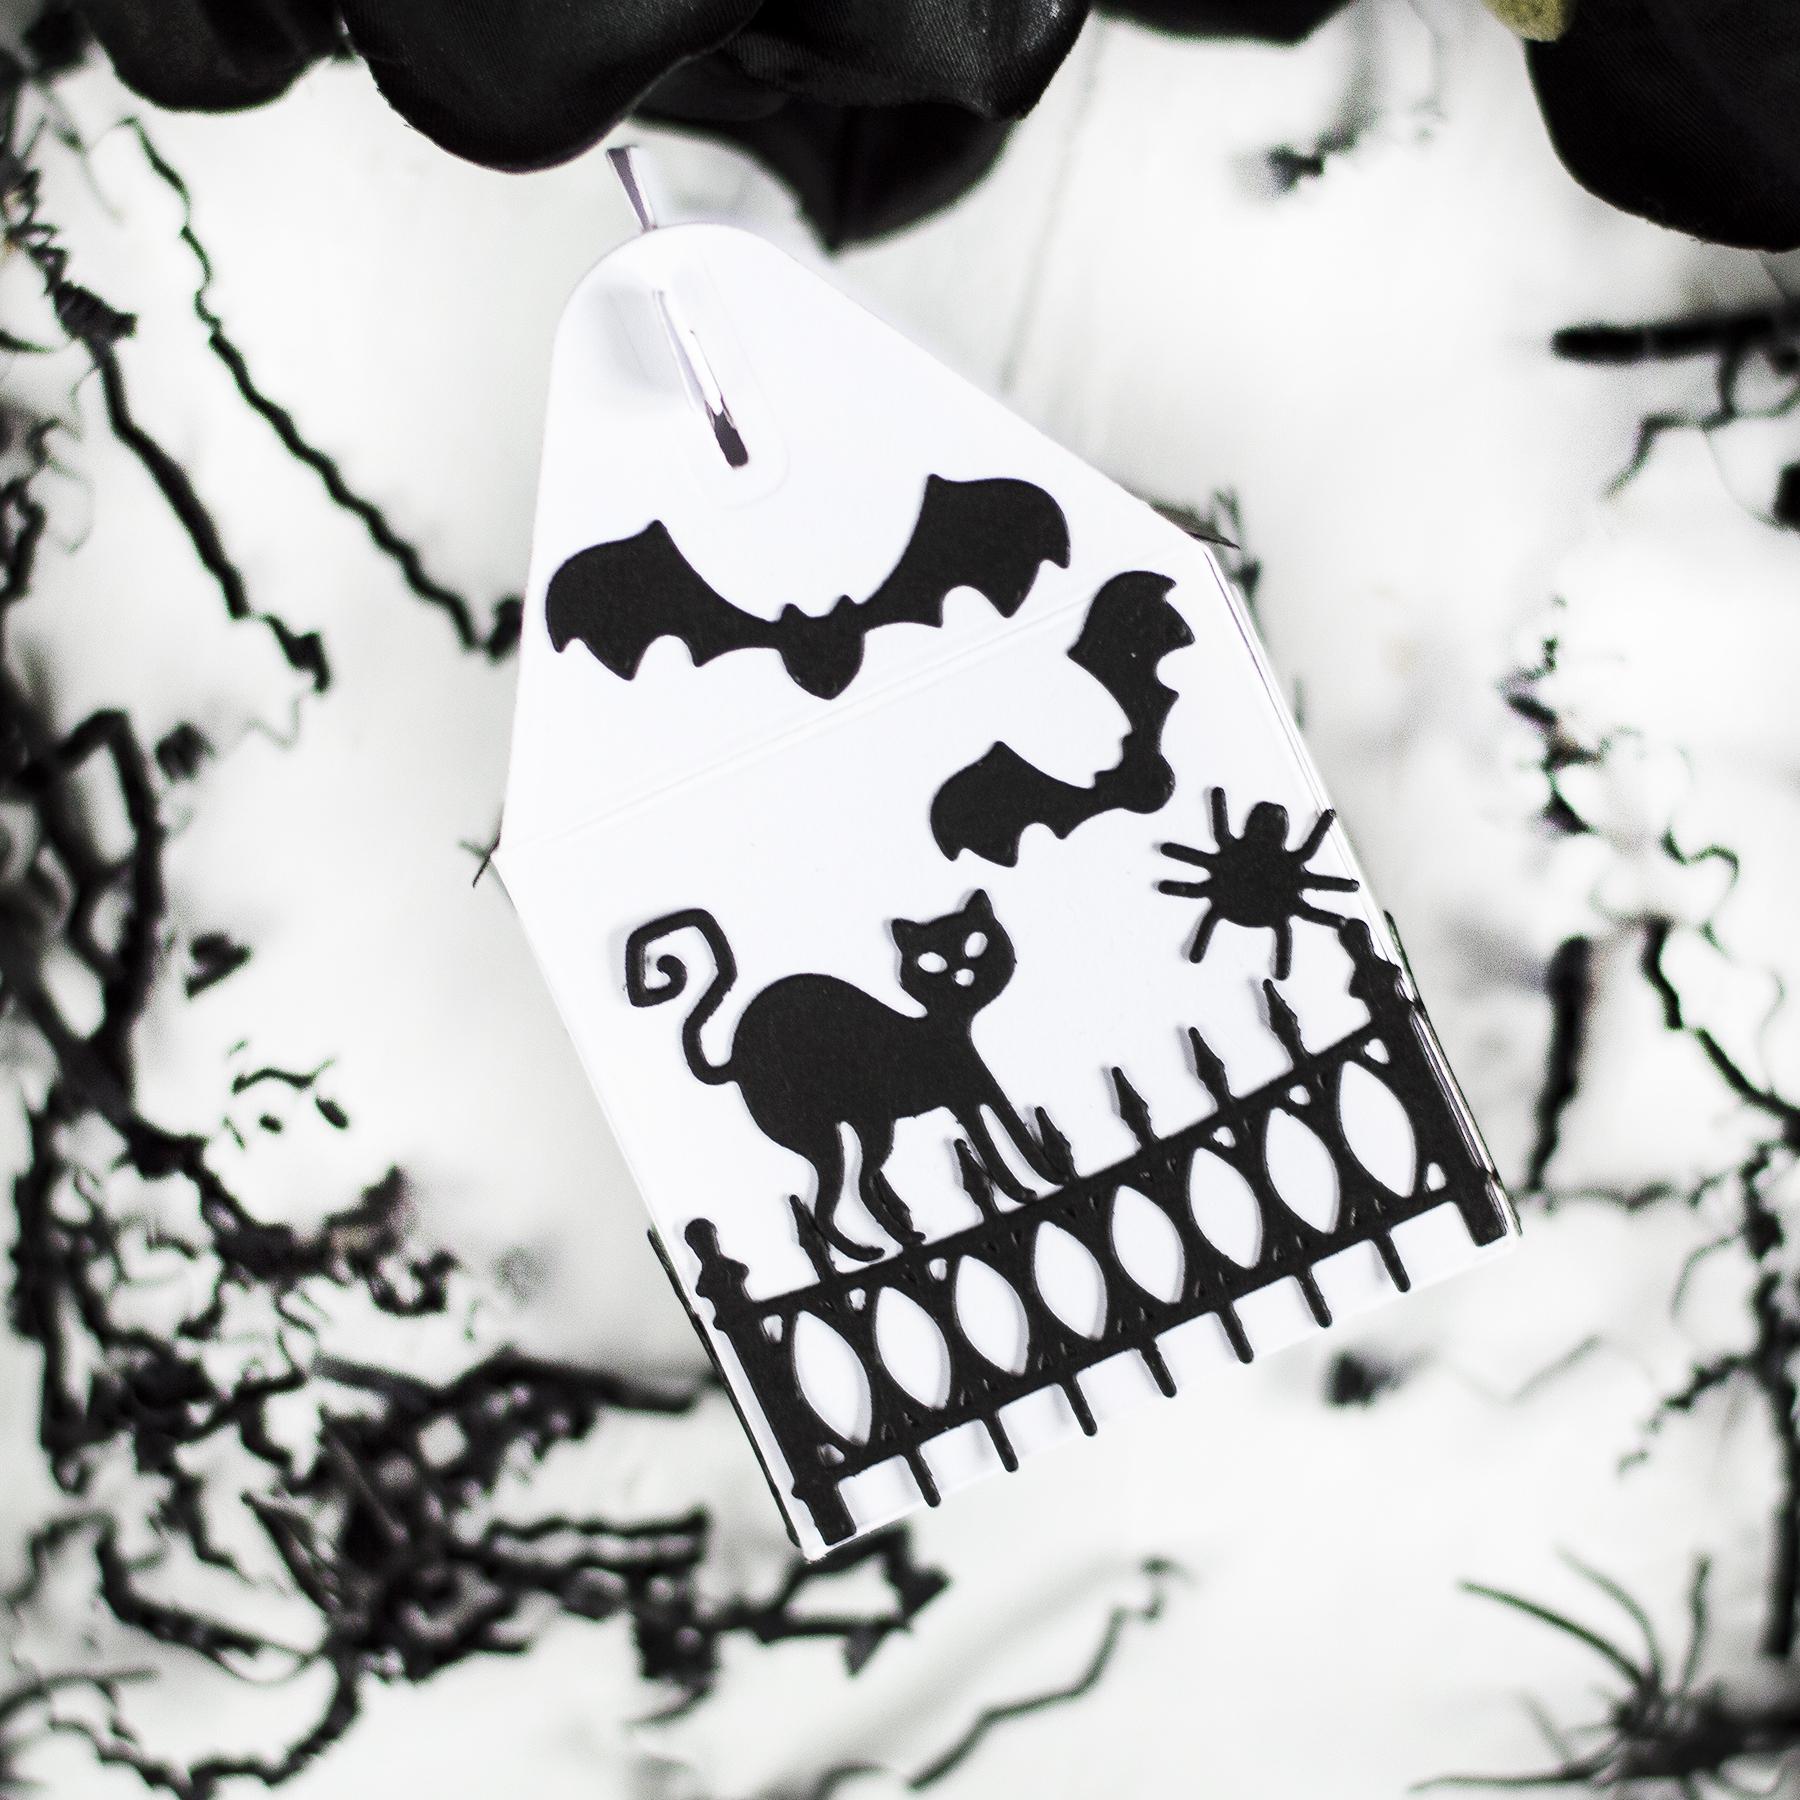 Spooky House Halloween Treat Box. Project by Svitlana Shayevich